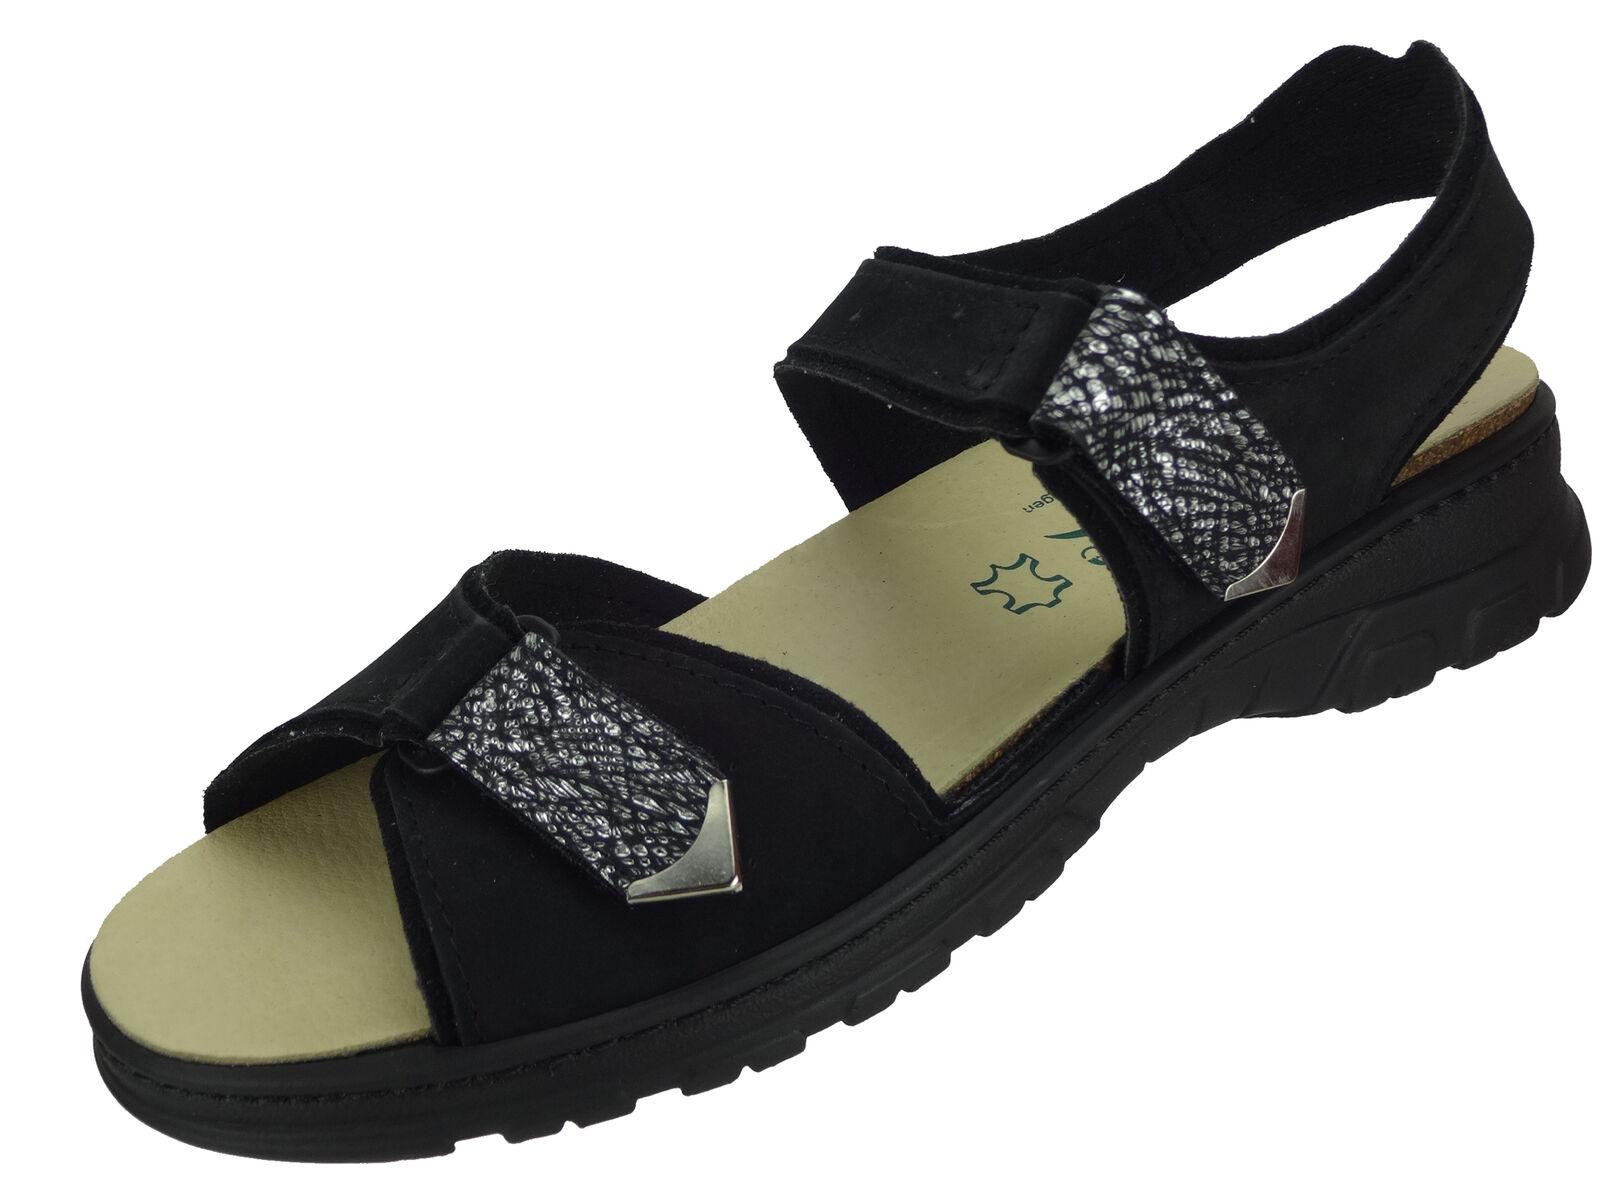 Algemare Damen Trekking Sandale NubukLeder Algen-Kork Fußbett waschbar 6478_0805  | Vorzugspreis